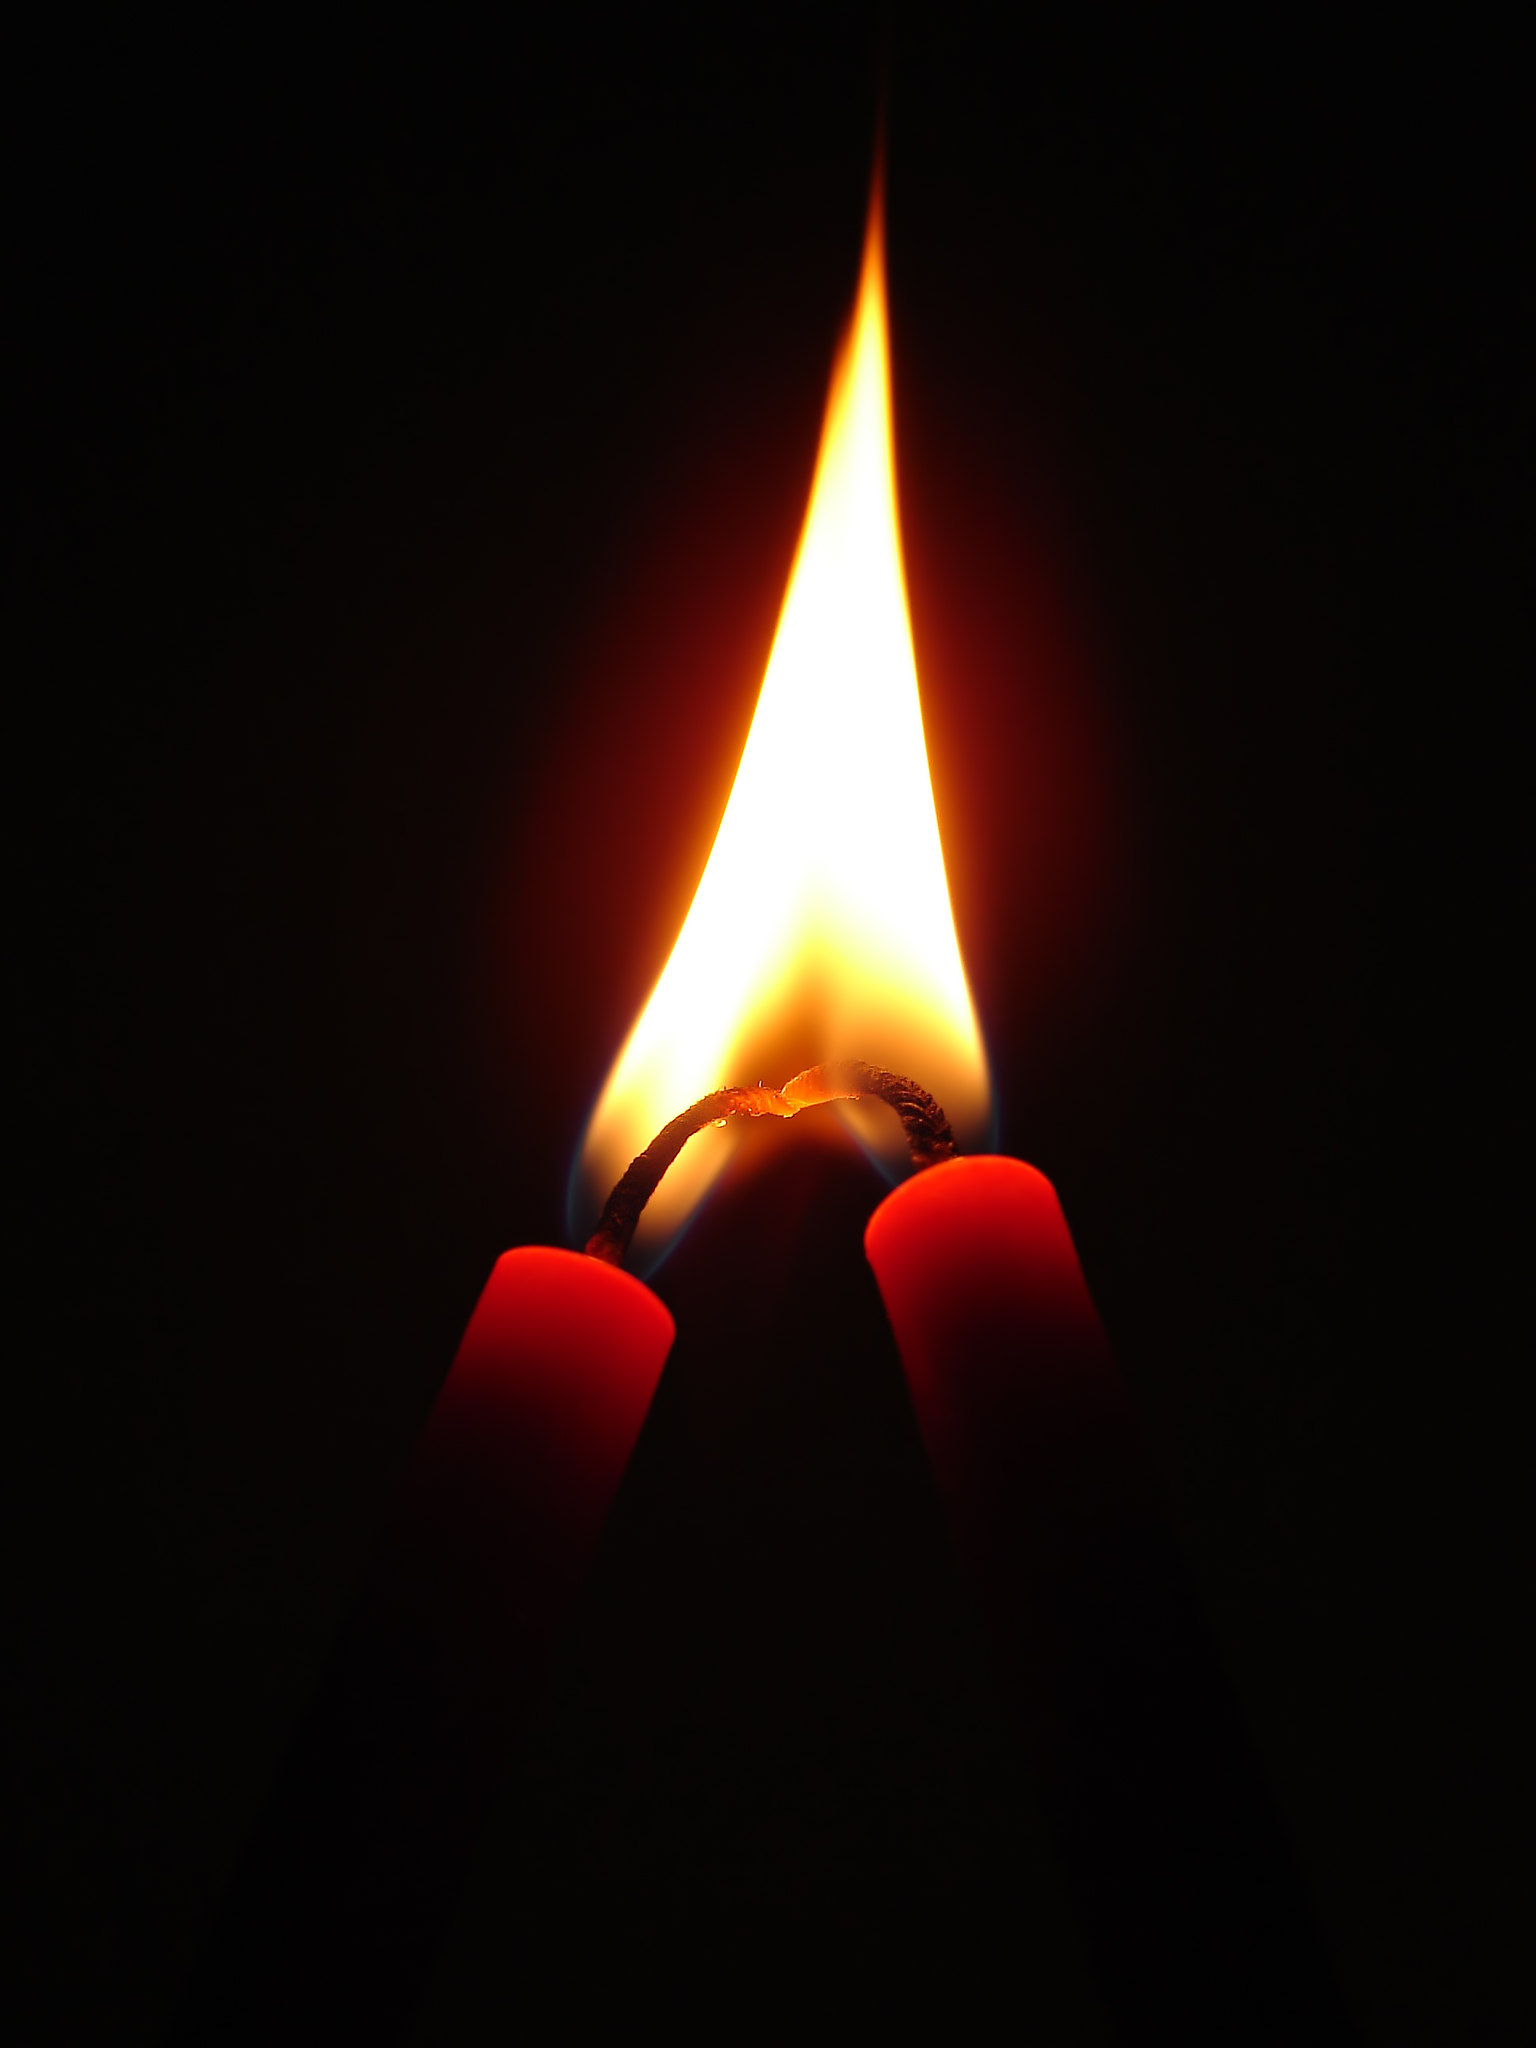 прихожая нестоячка на фото и красную свечу серединку выкладываем